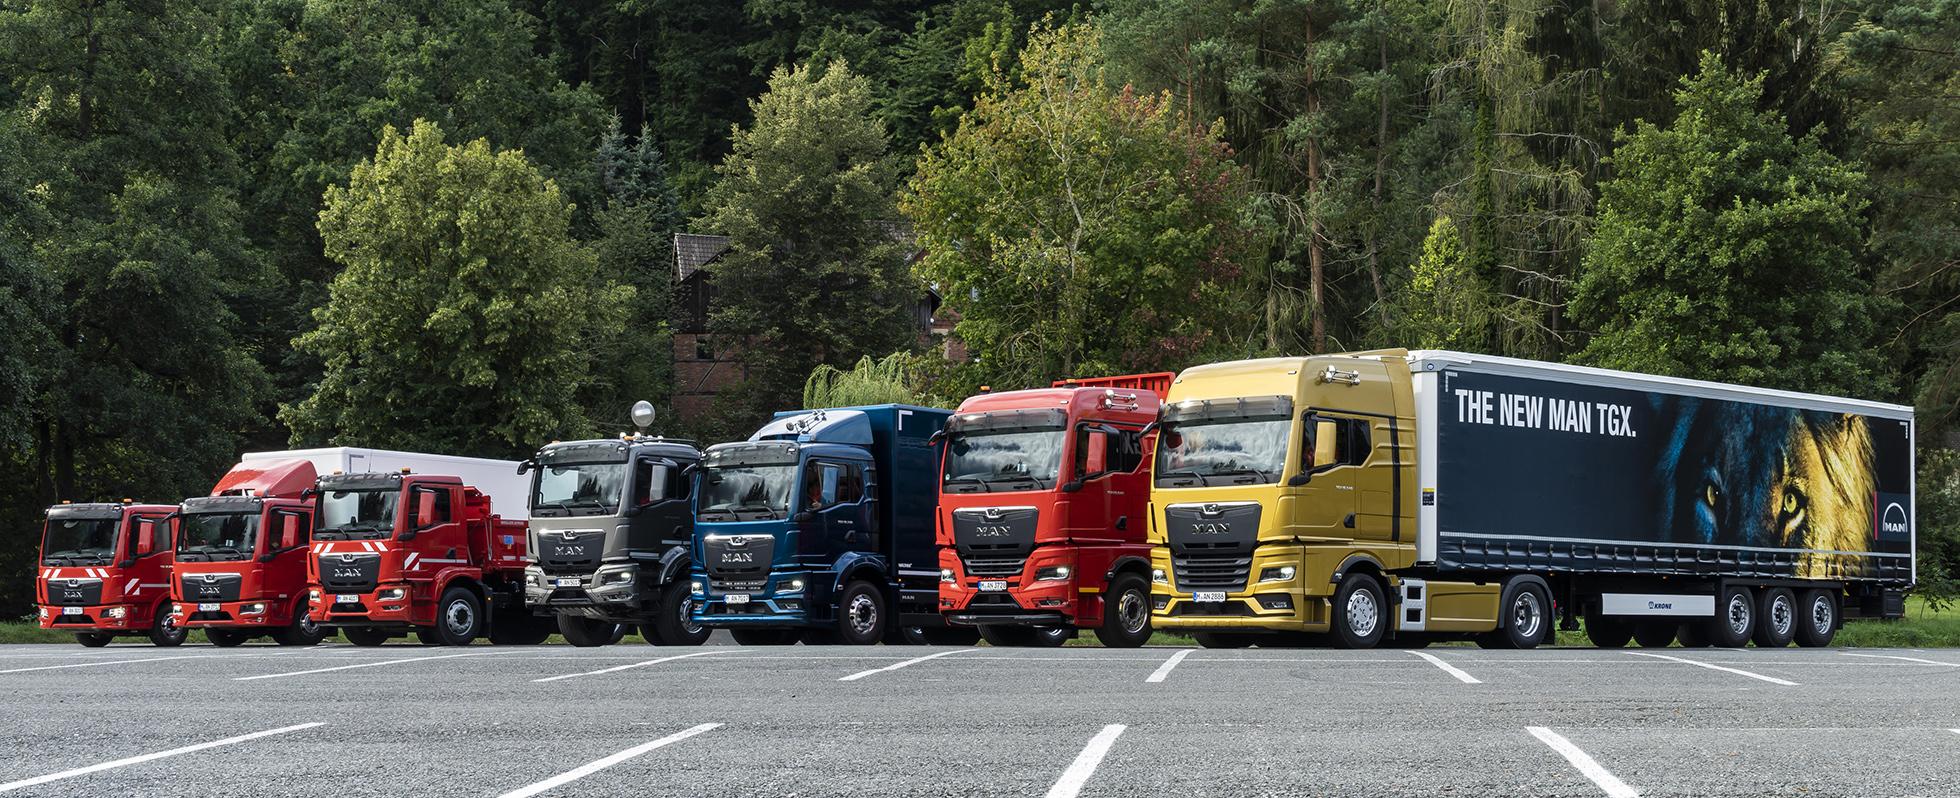 MAN nya lastbilsprogram från 7,5 ton och uppåt. Foto: MAN